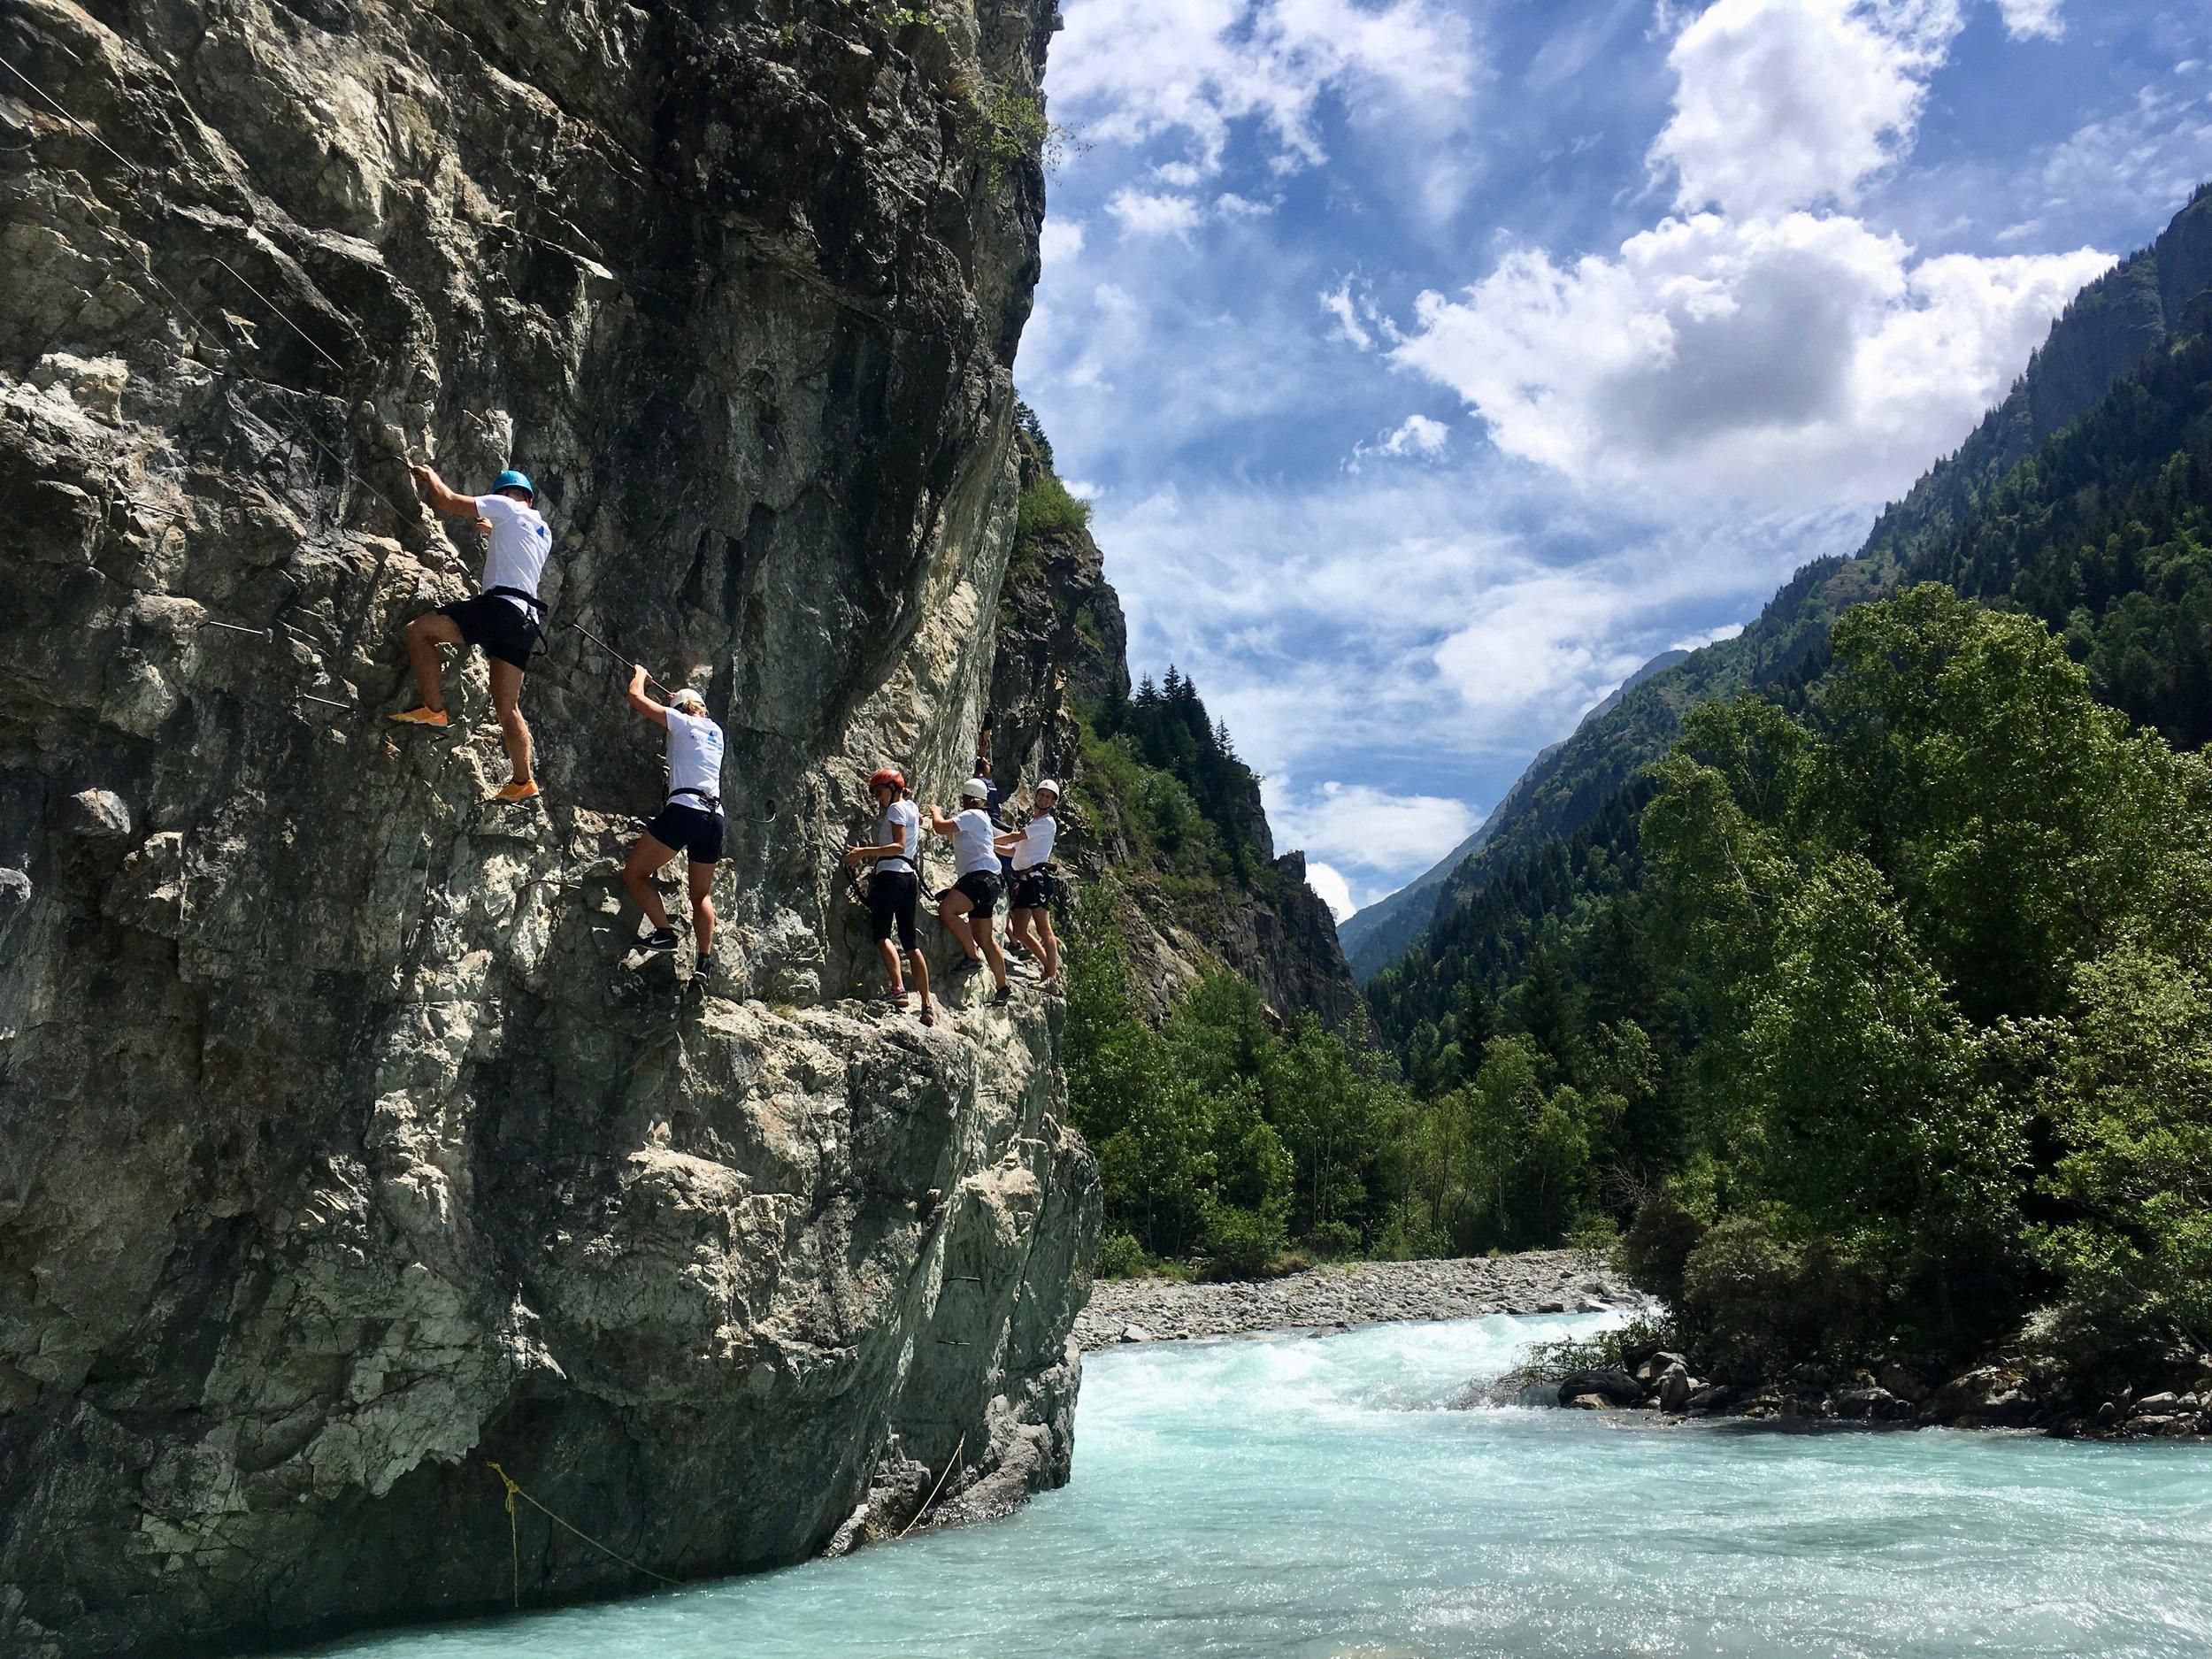 At leve kræver mod, styrke og vedholdenhed |  Er du klar til at nå dine mål og drømme - Ta' en sommer med Alpehøjskolen og ta' dit liv seriøst på den sjove måde